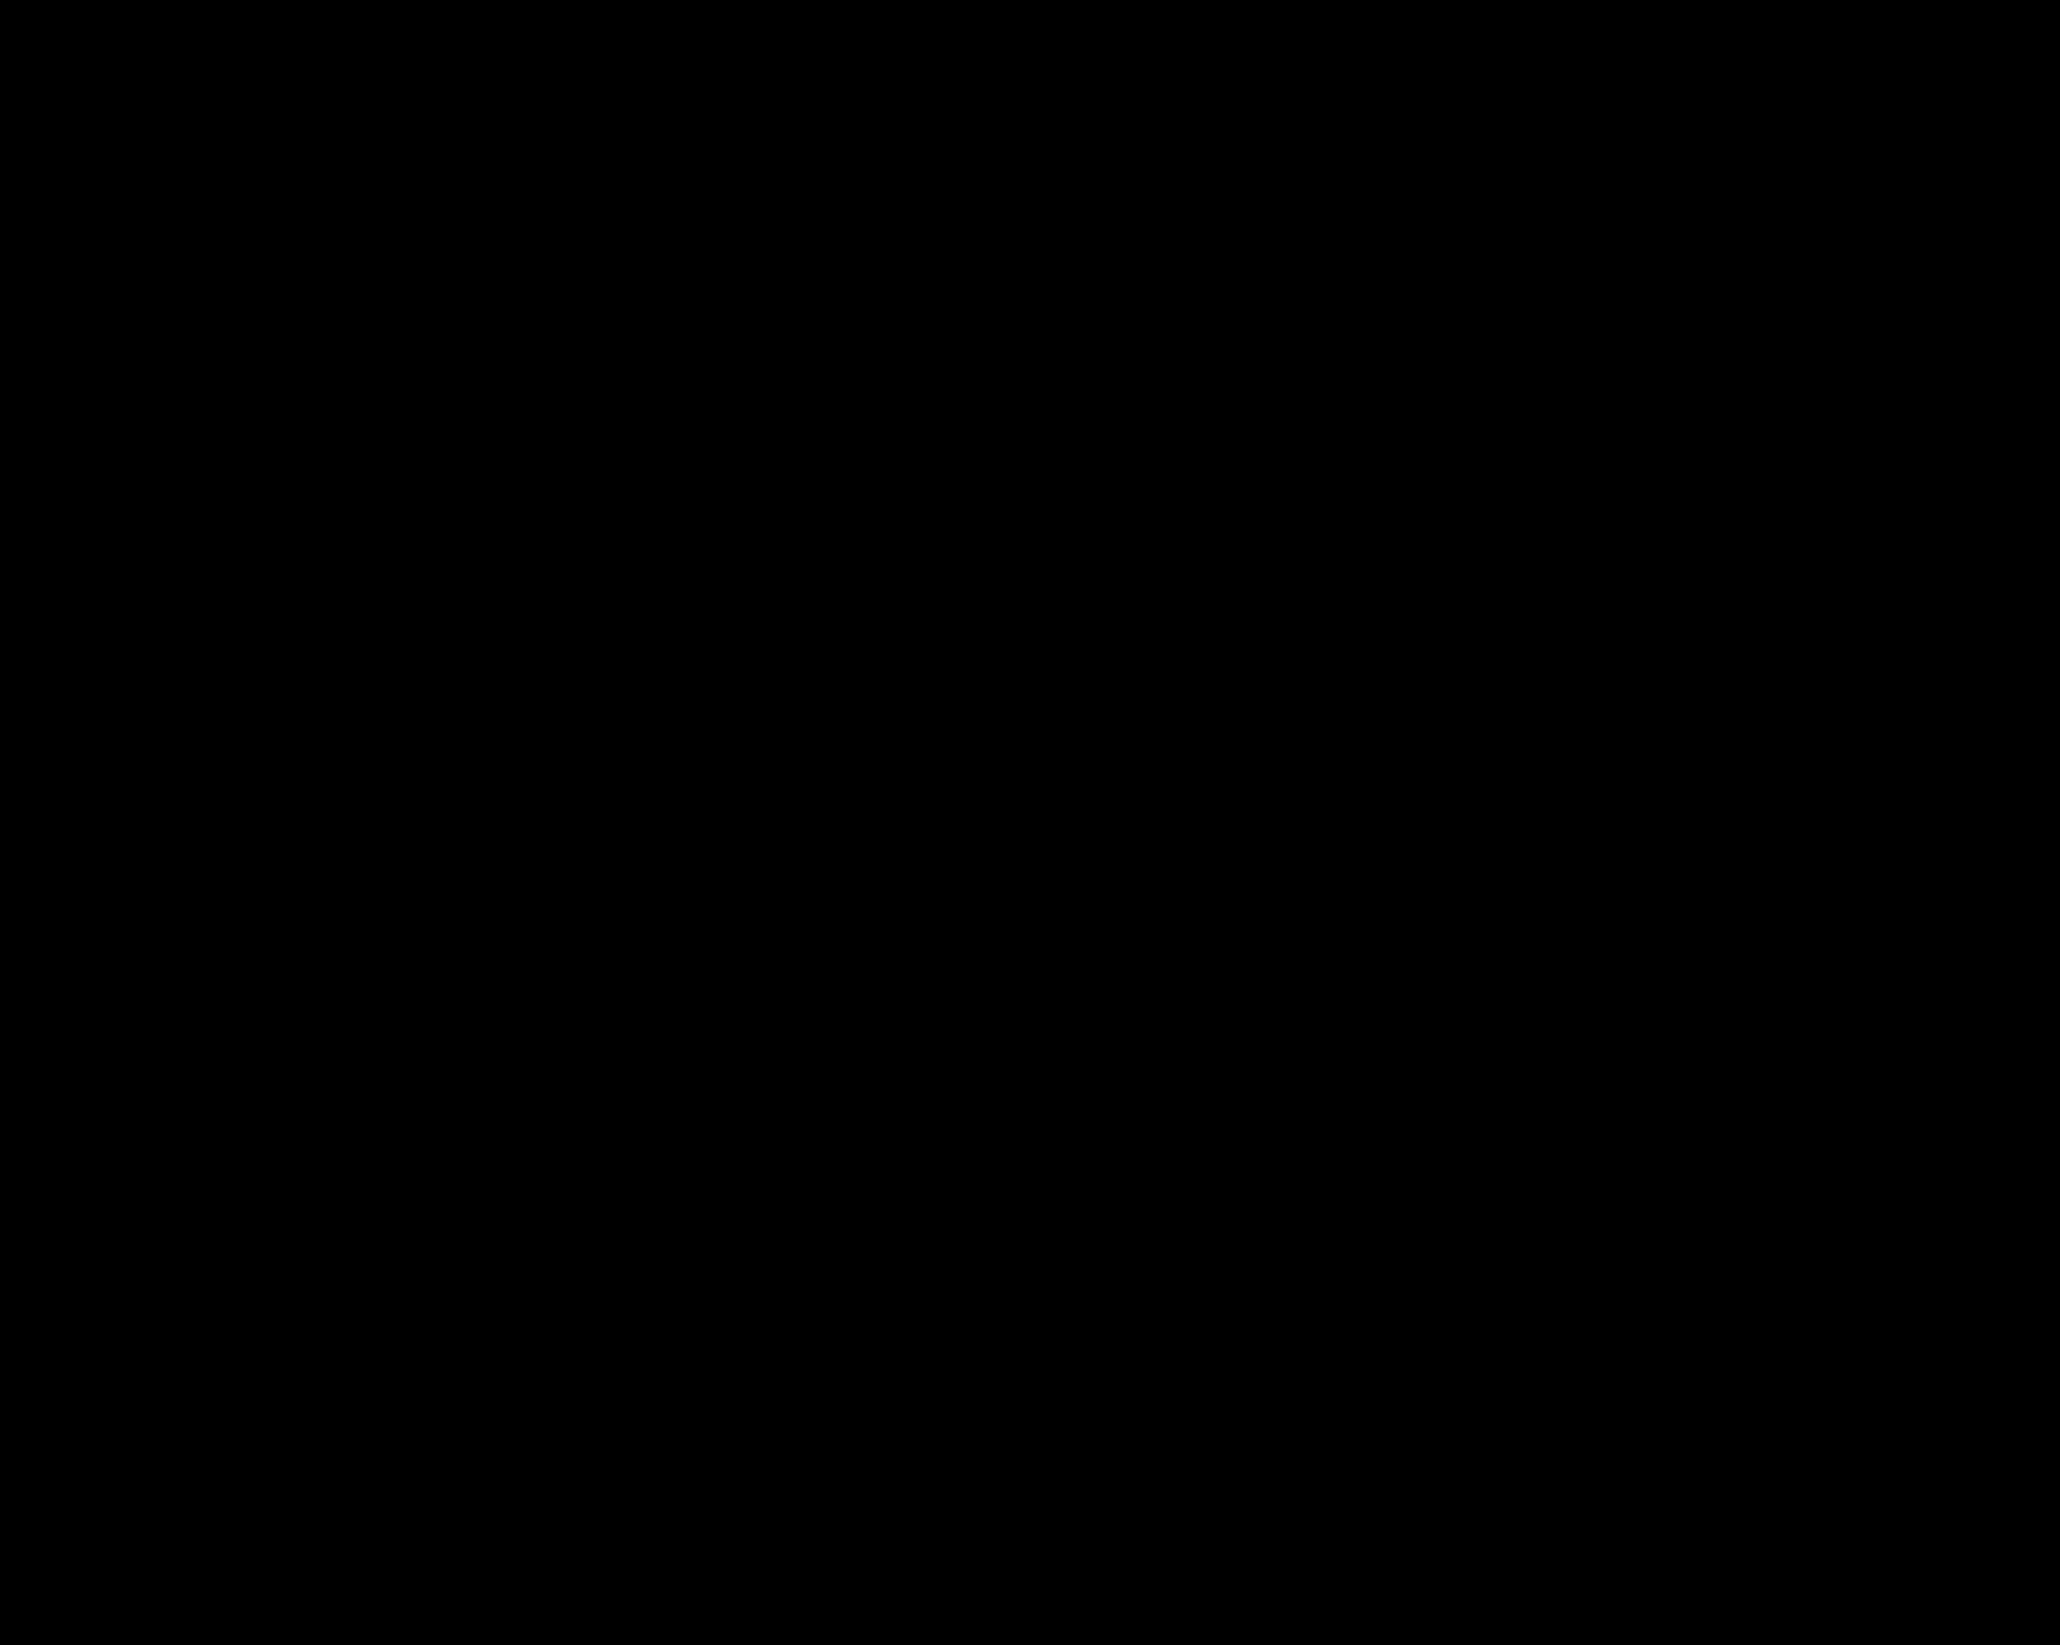 satellite-drawing-2.png